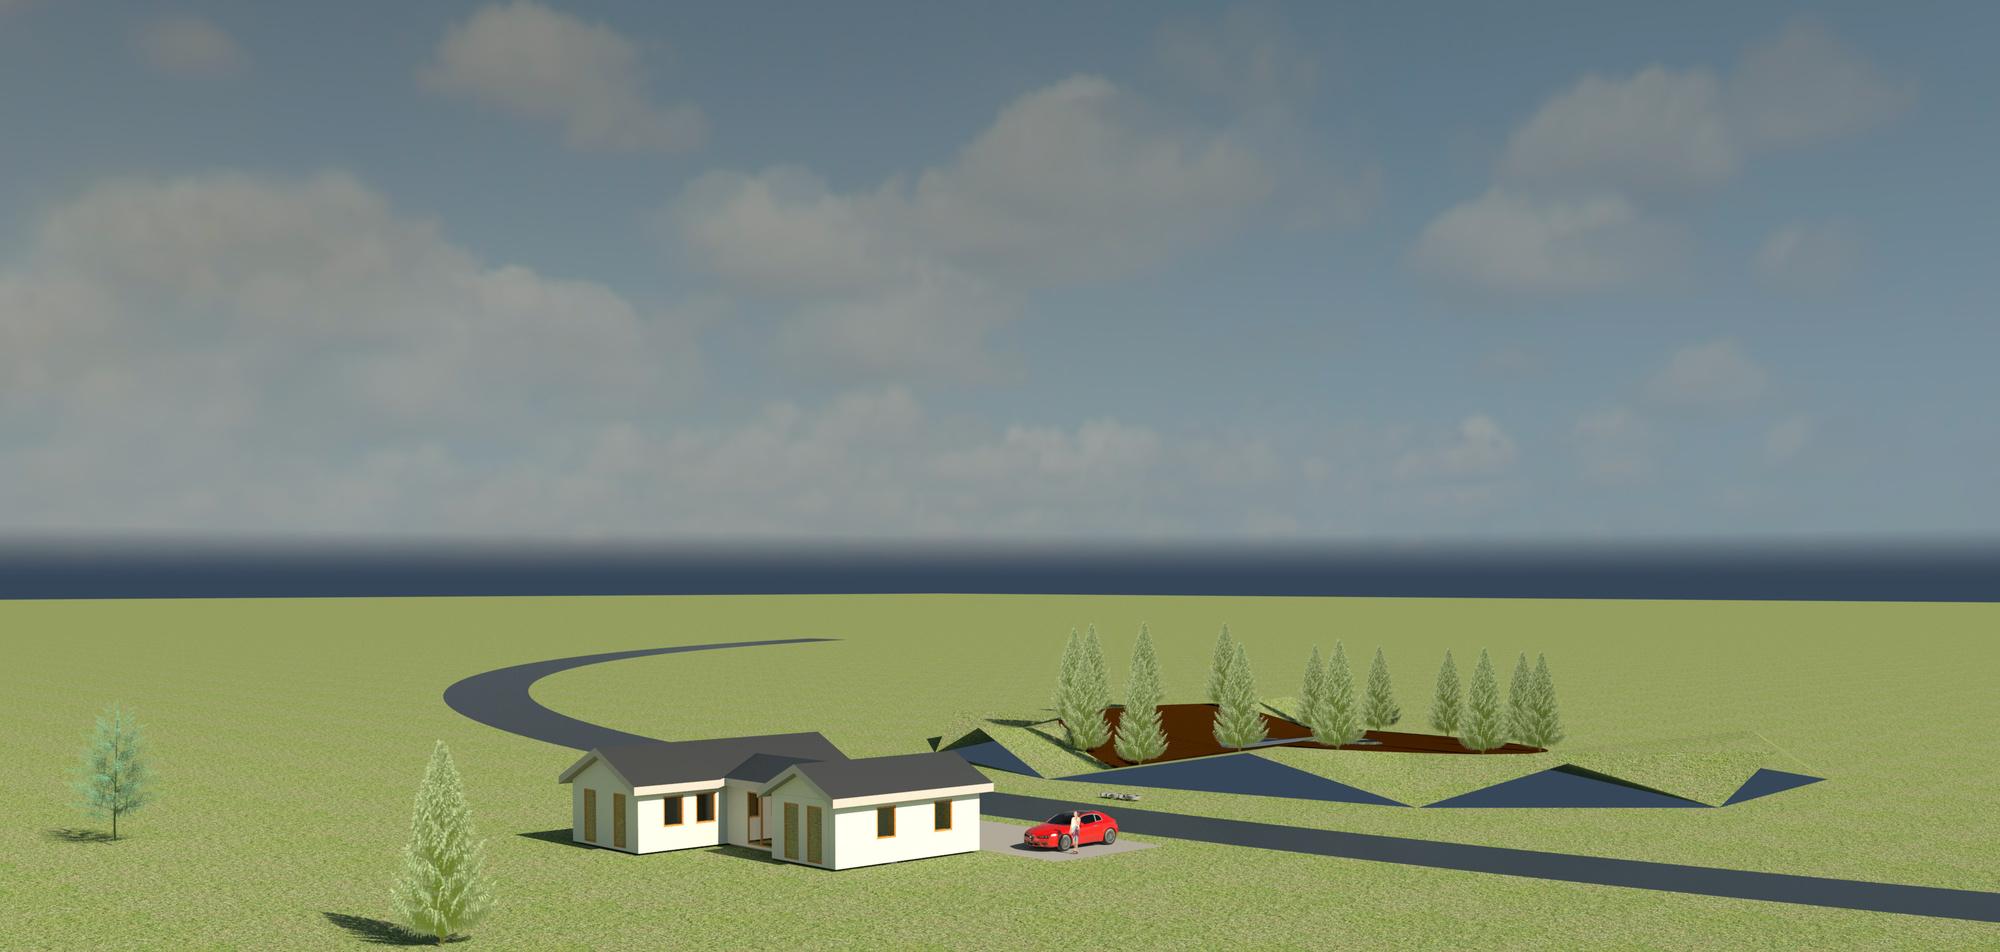 Raas-rendering20150317-9556-1ki5nug